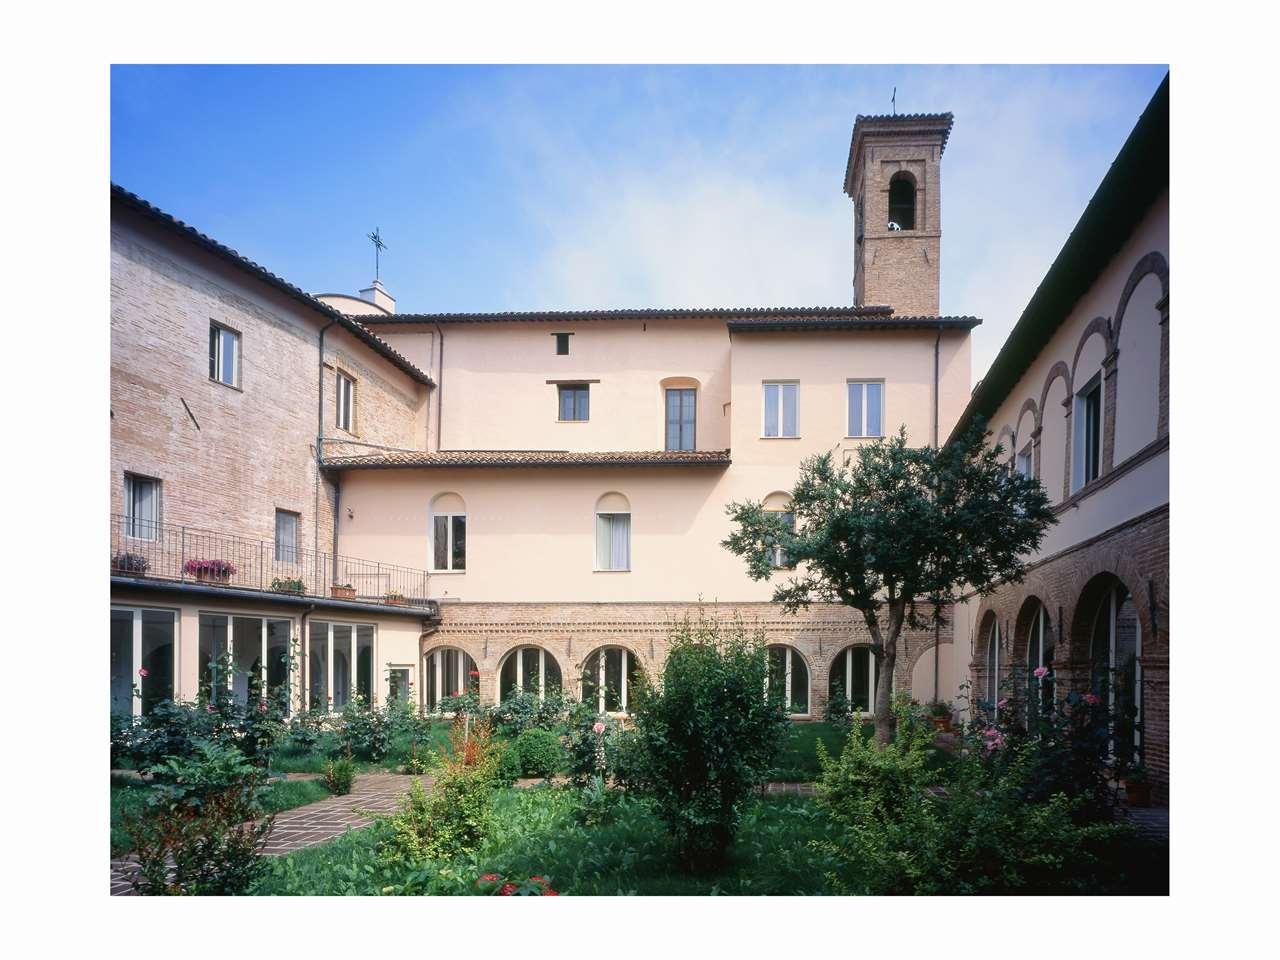 Stabile/Palazzo Fabriano 61/15